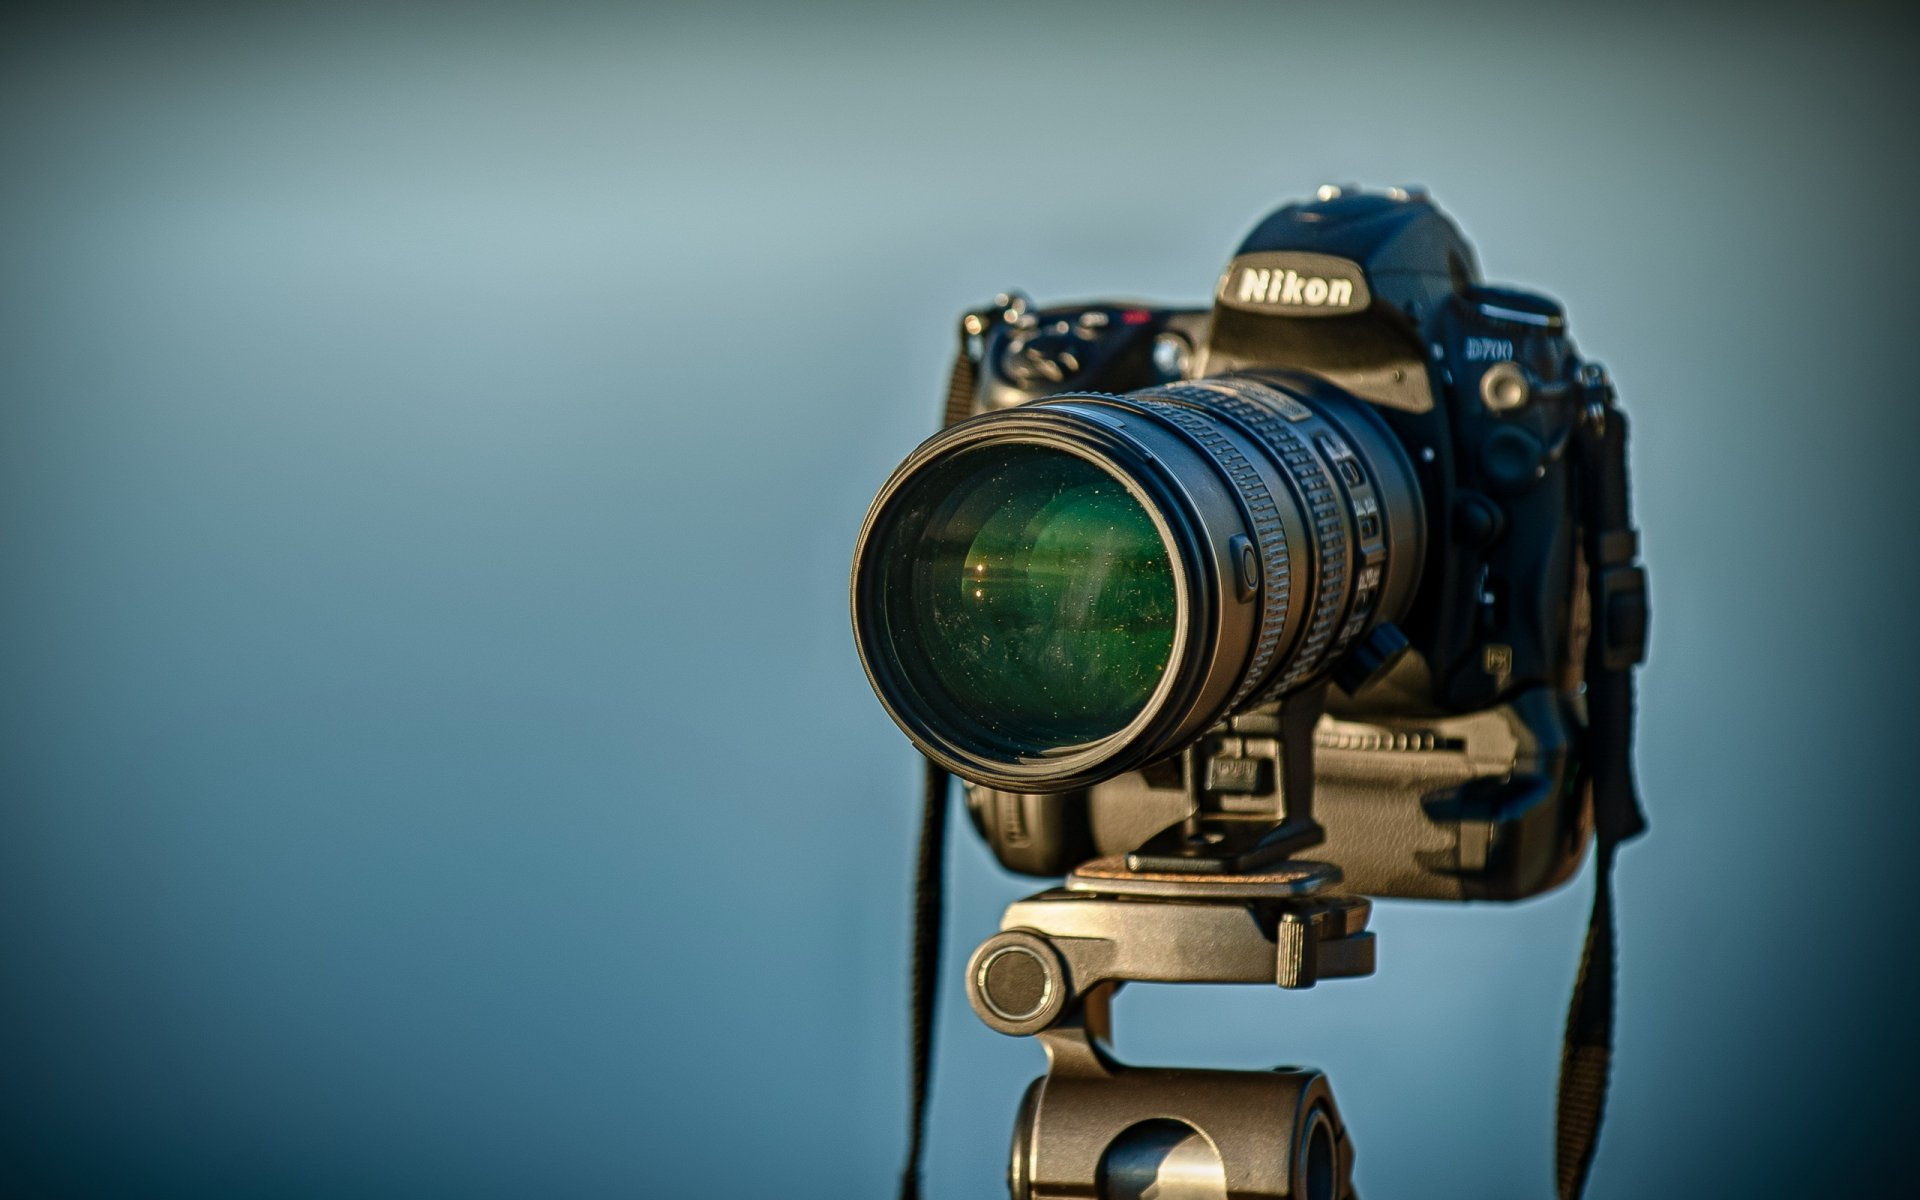 Camaras fotograficas profesionales nikon en panama 95